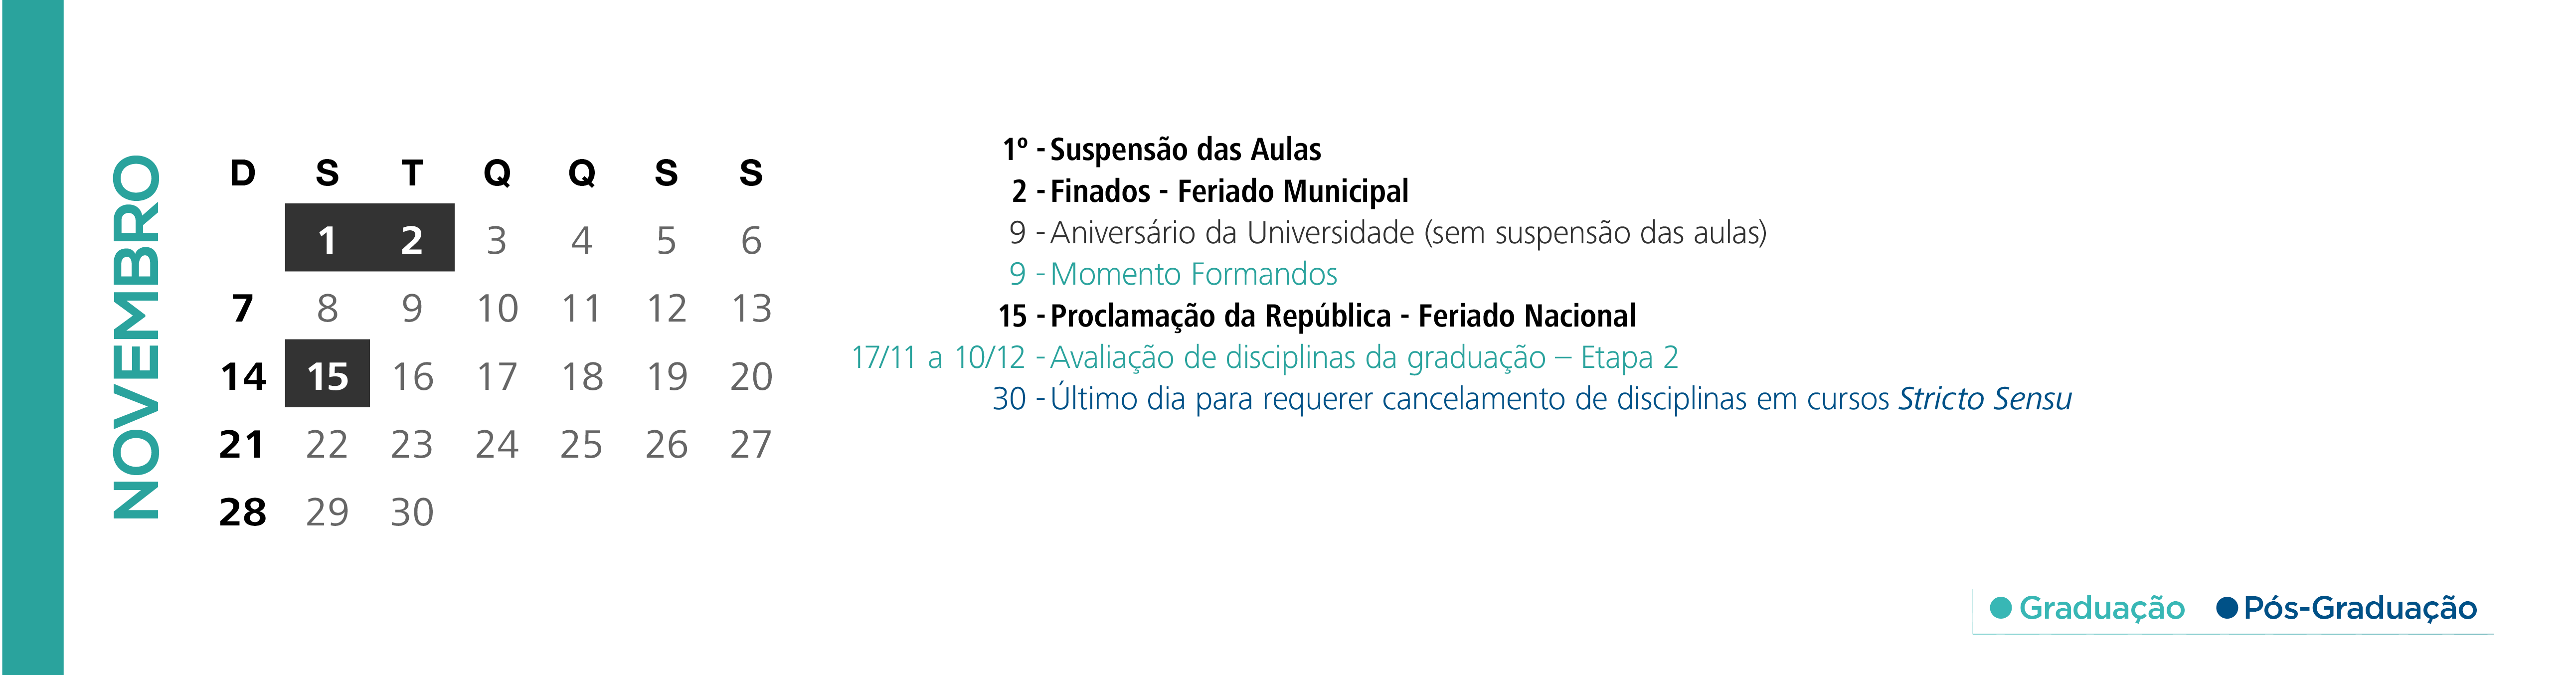 Calendário Acadêmico PUCRS - Mês de Novembro